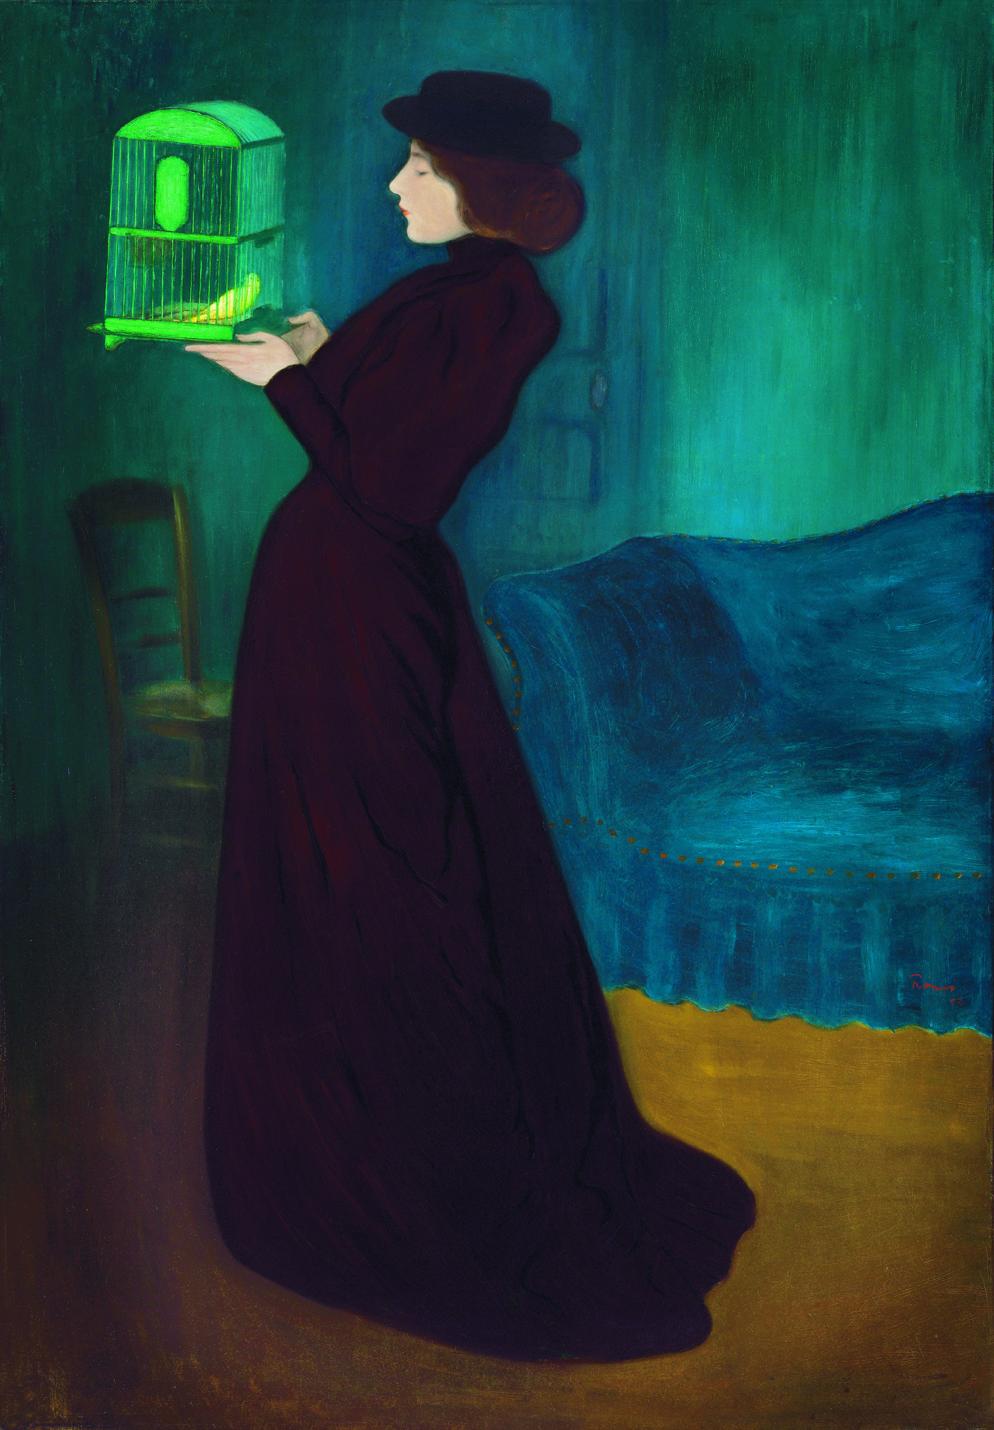 jozsef-rippl-ronai-femme-a-la-cage-1892-huile-sur-toile-budapest-galerie-nationale-hongroise